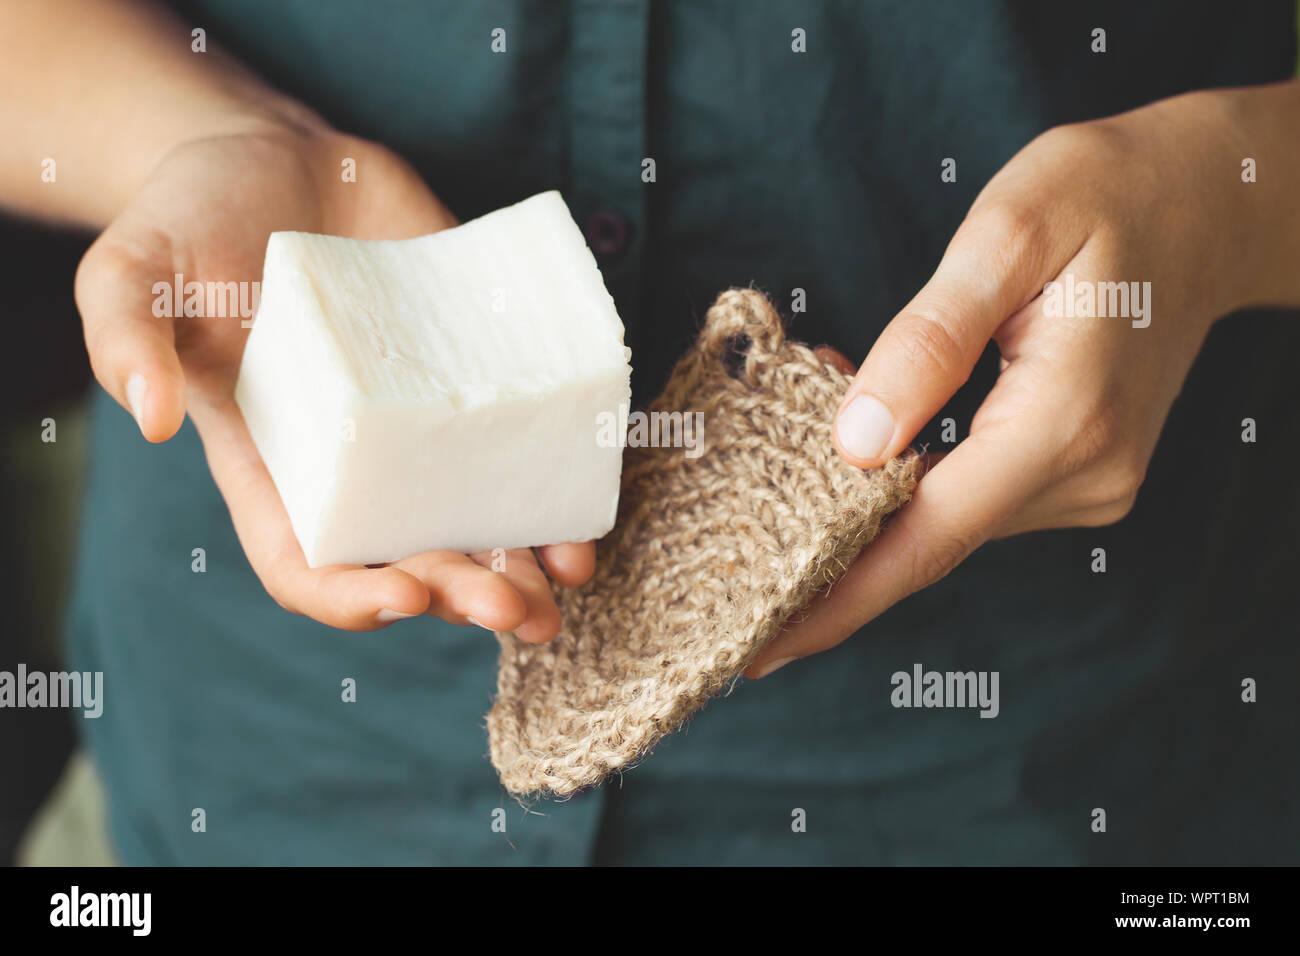 Kit de nettoyage respectueux de l'environnement. Savon Biologique et de jute dans le gant de la main de femme. Concept zéro déchet, plastique, l'éco-friendly shopping, végétalien Banque D'Images